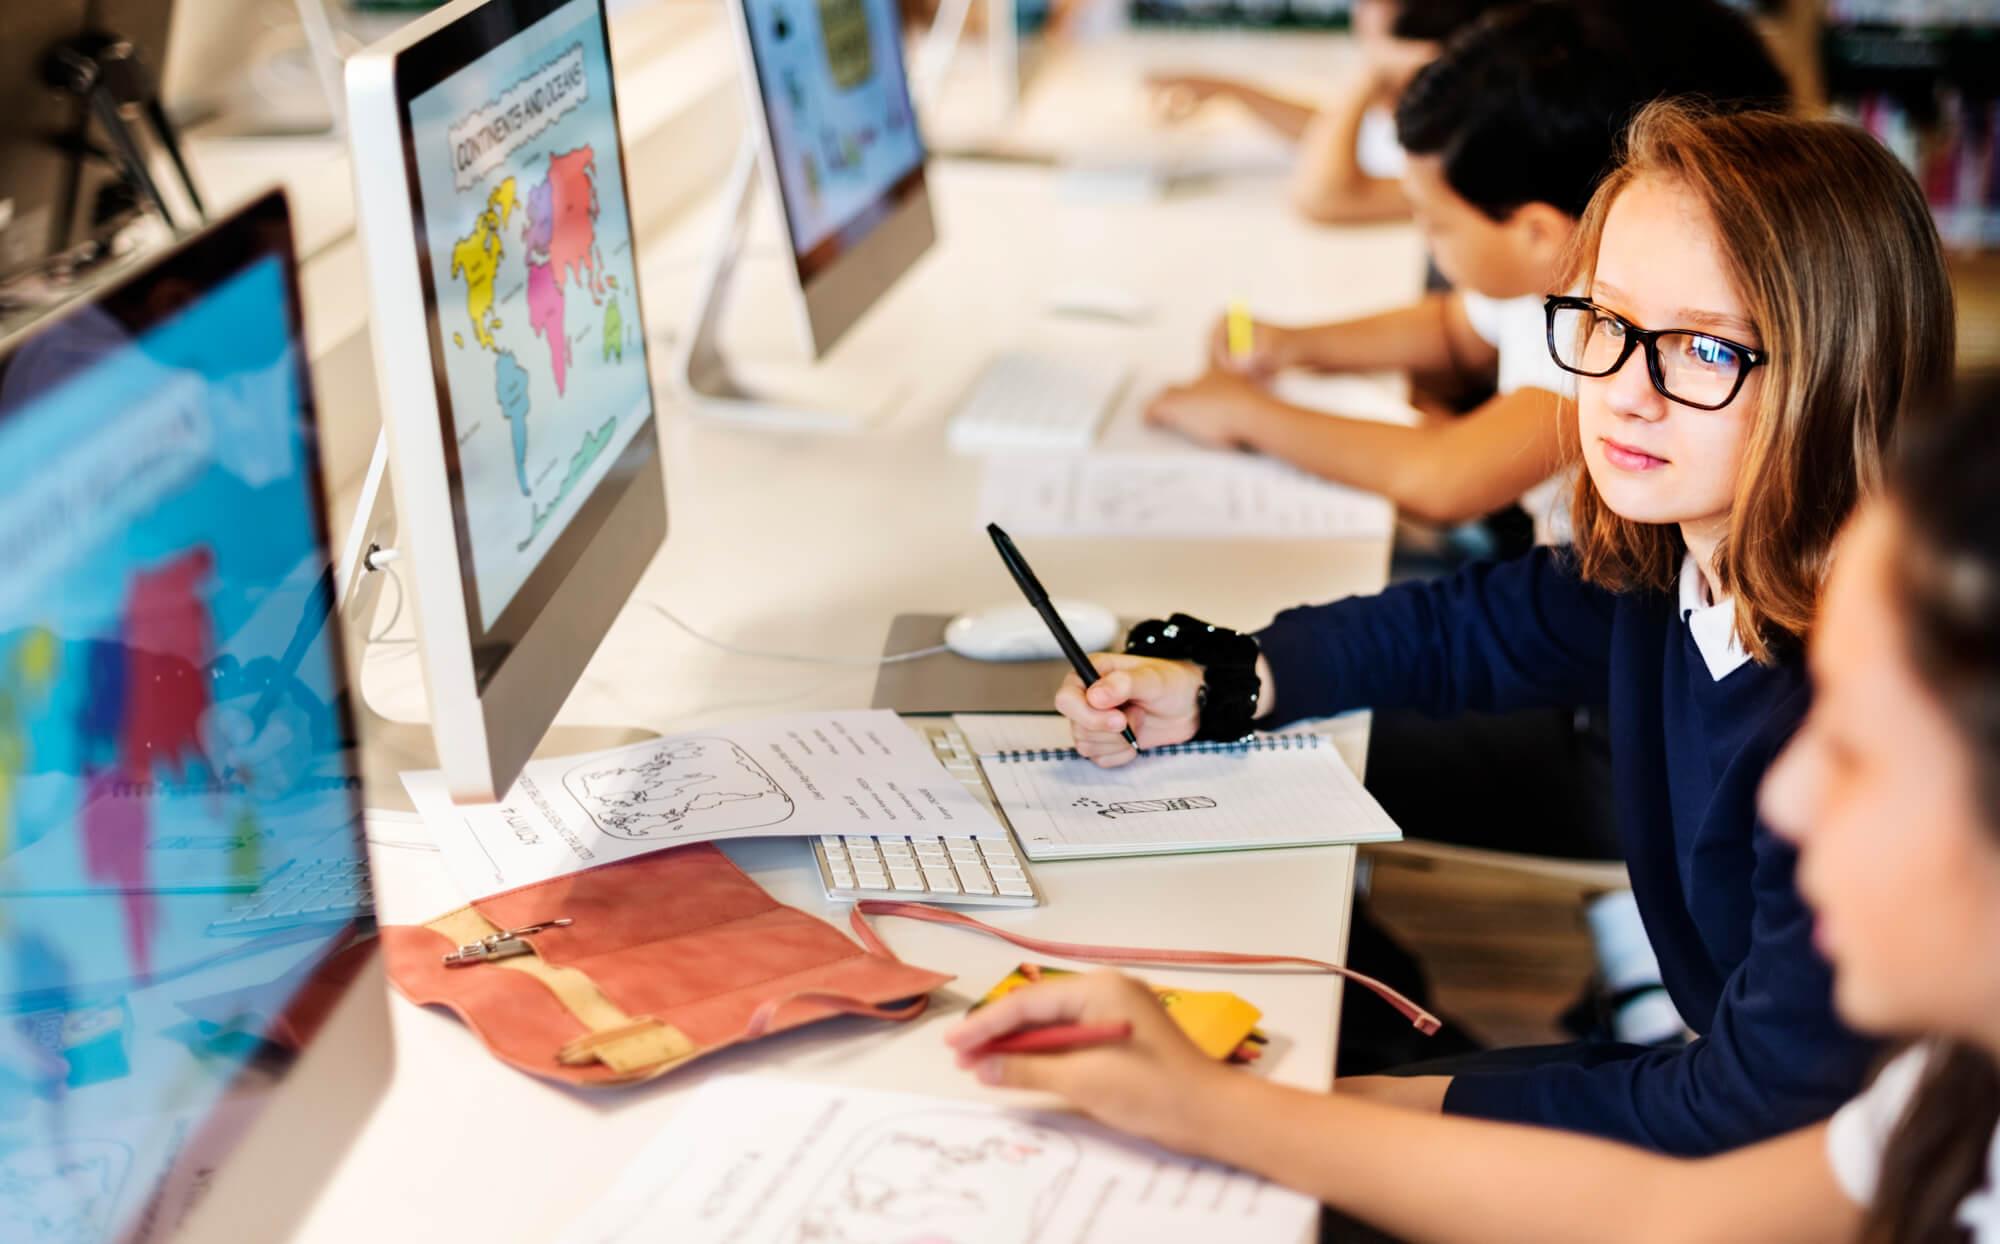 recursos tecnológicos em sala de aula